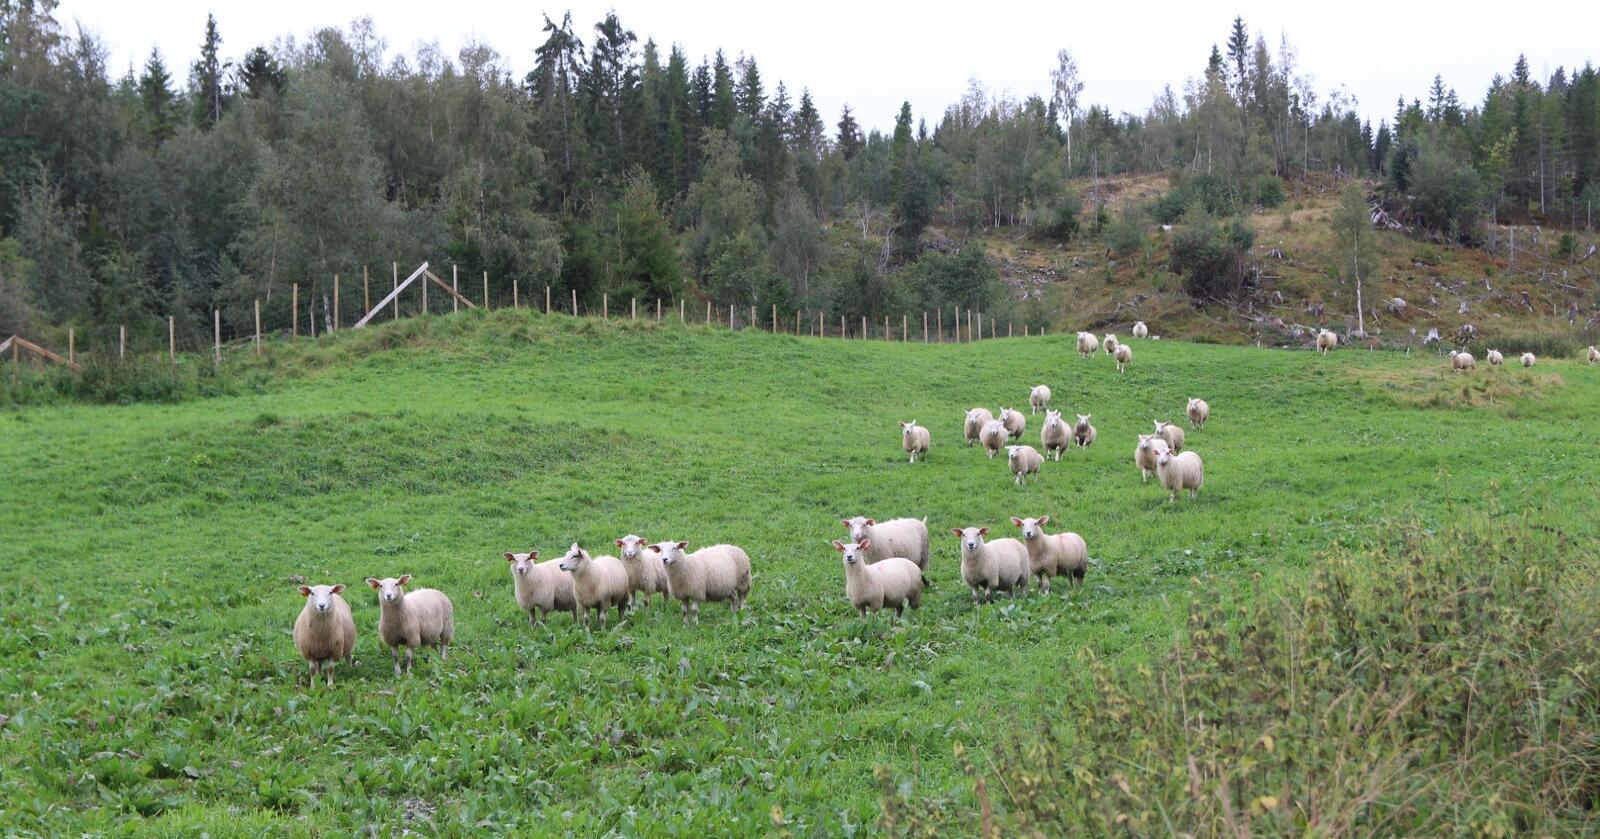 FORGIFTET: NLR advarer mot å slippe sauer på nyhøsta areal. Sauene på bildet har ingenting med saken å gjøre. Illustrasjonsfoto: Kristin Bergo.